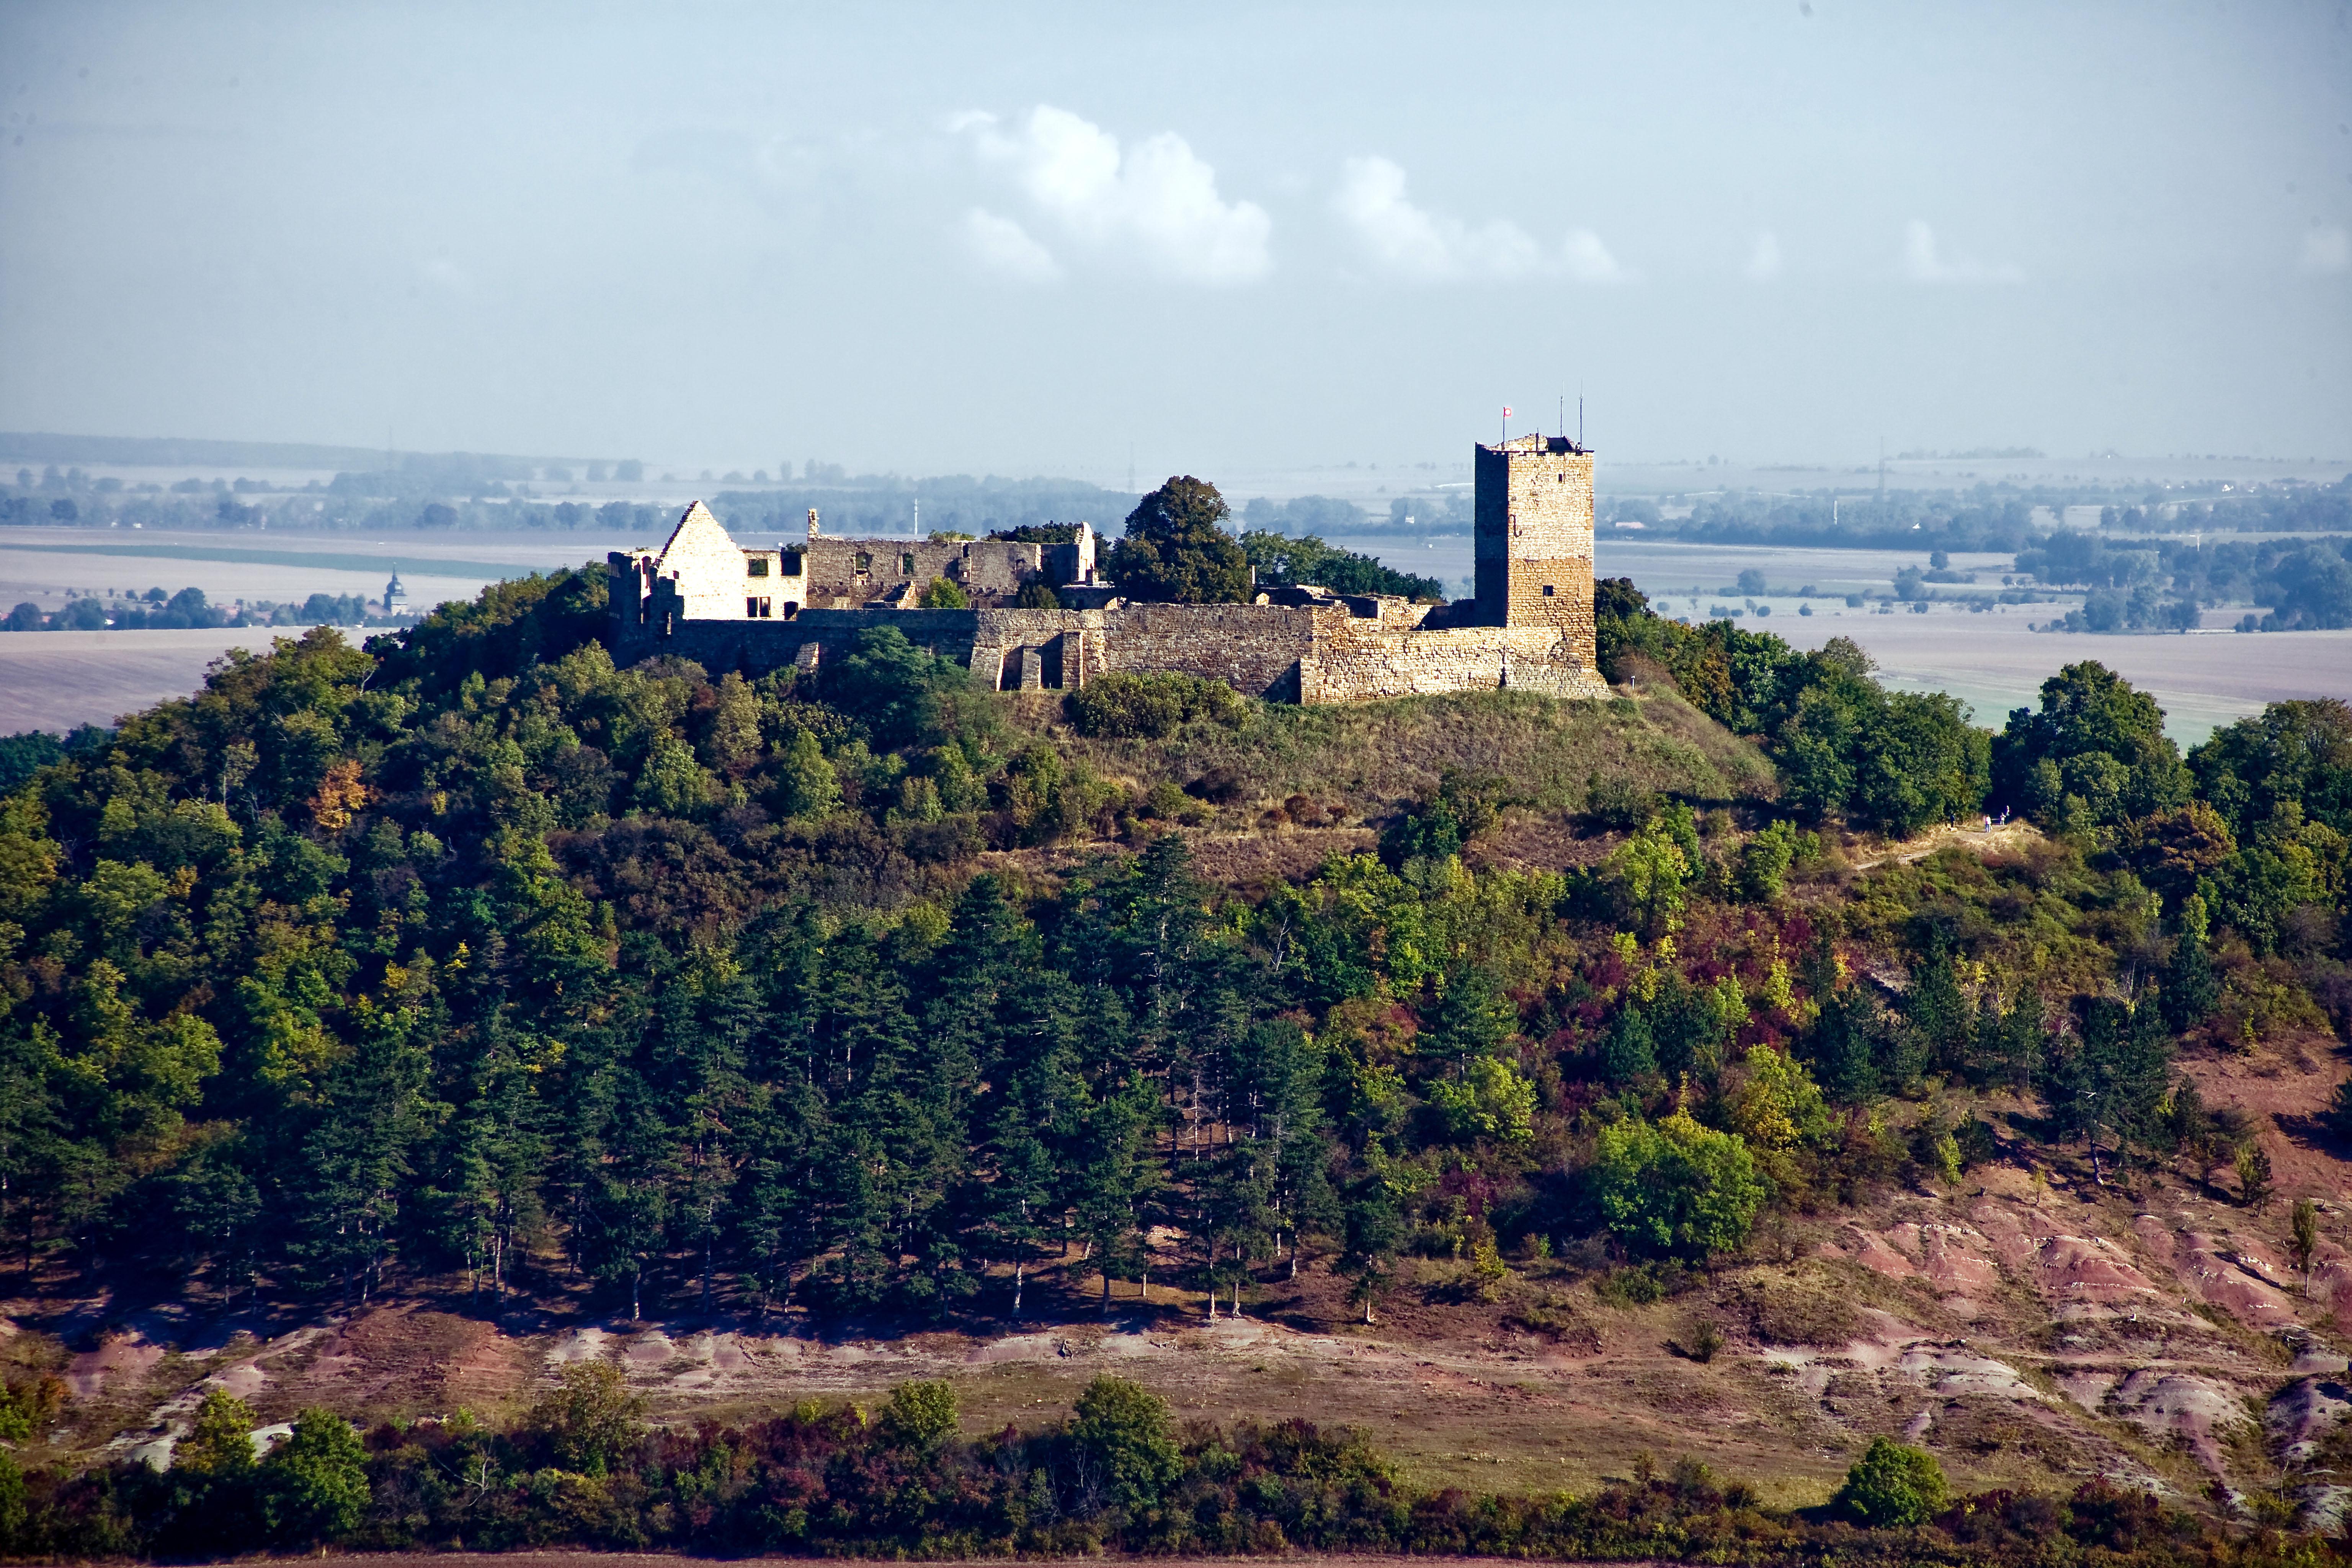 Mittelalterliche Burgruine auf einem bewaldeten Berg, dahinter Blick ins Land.